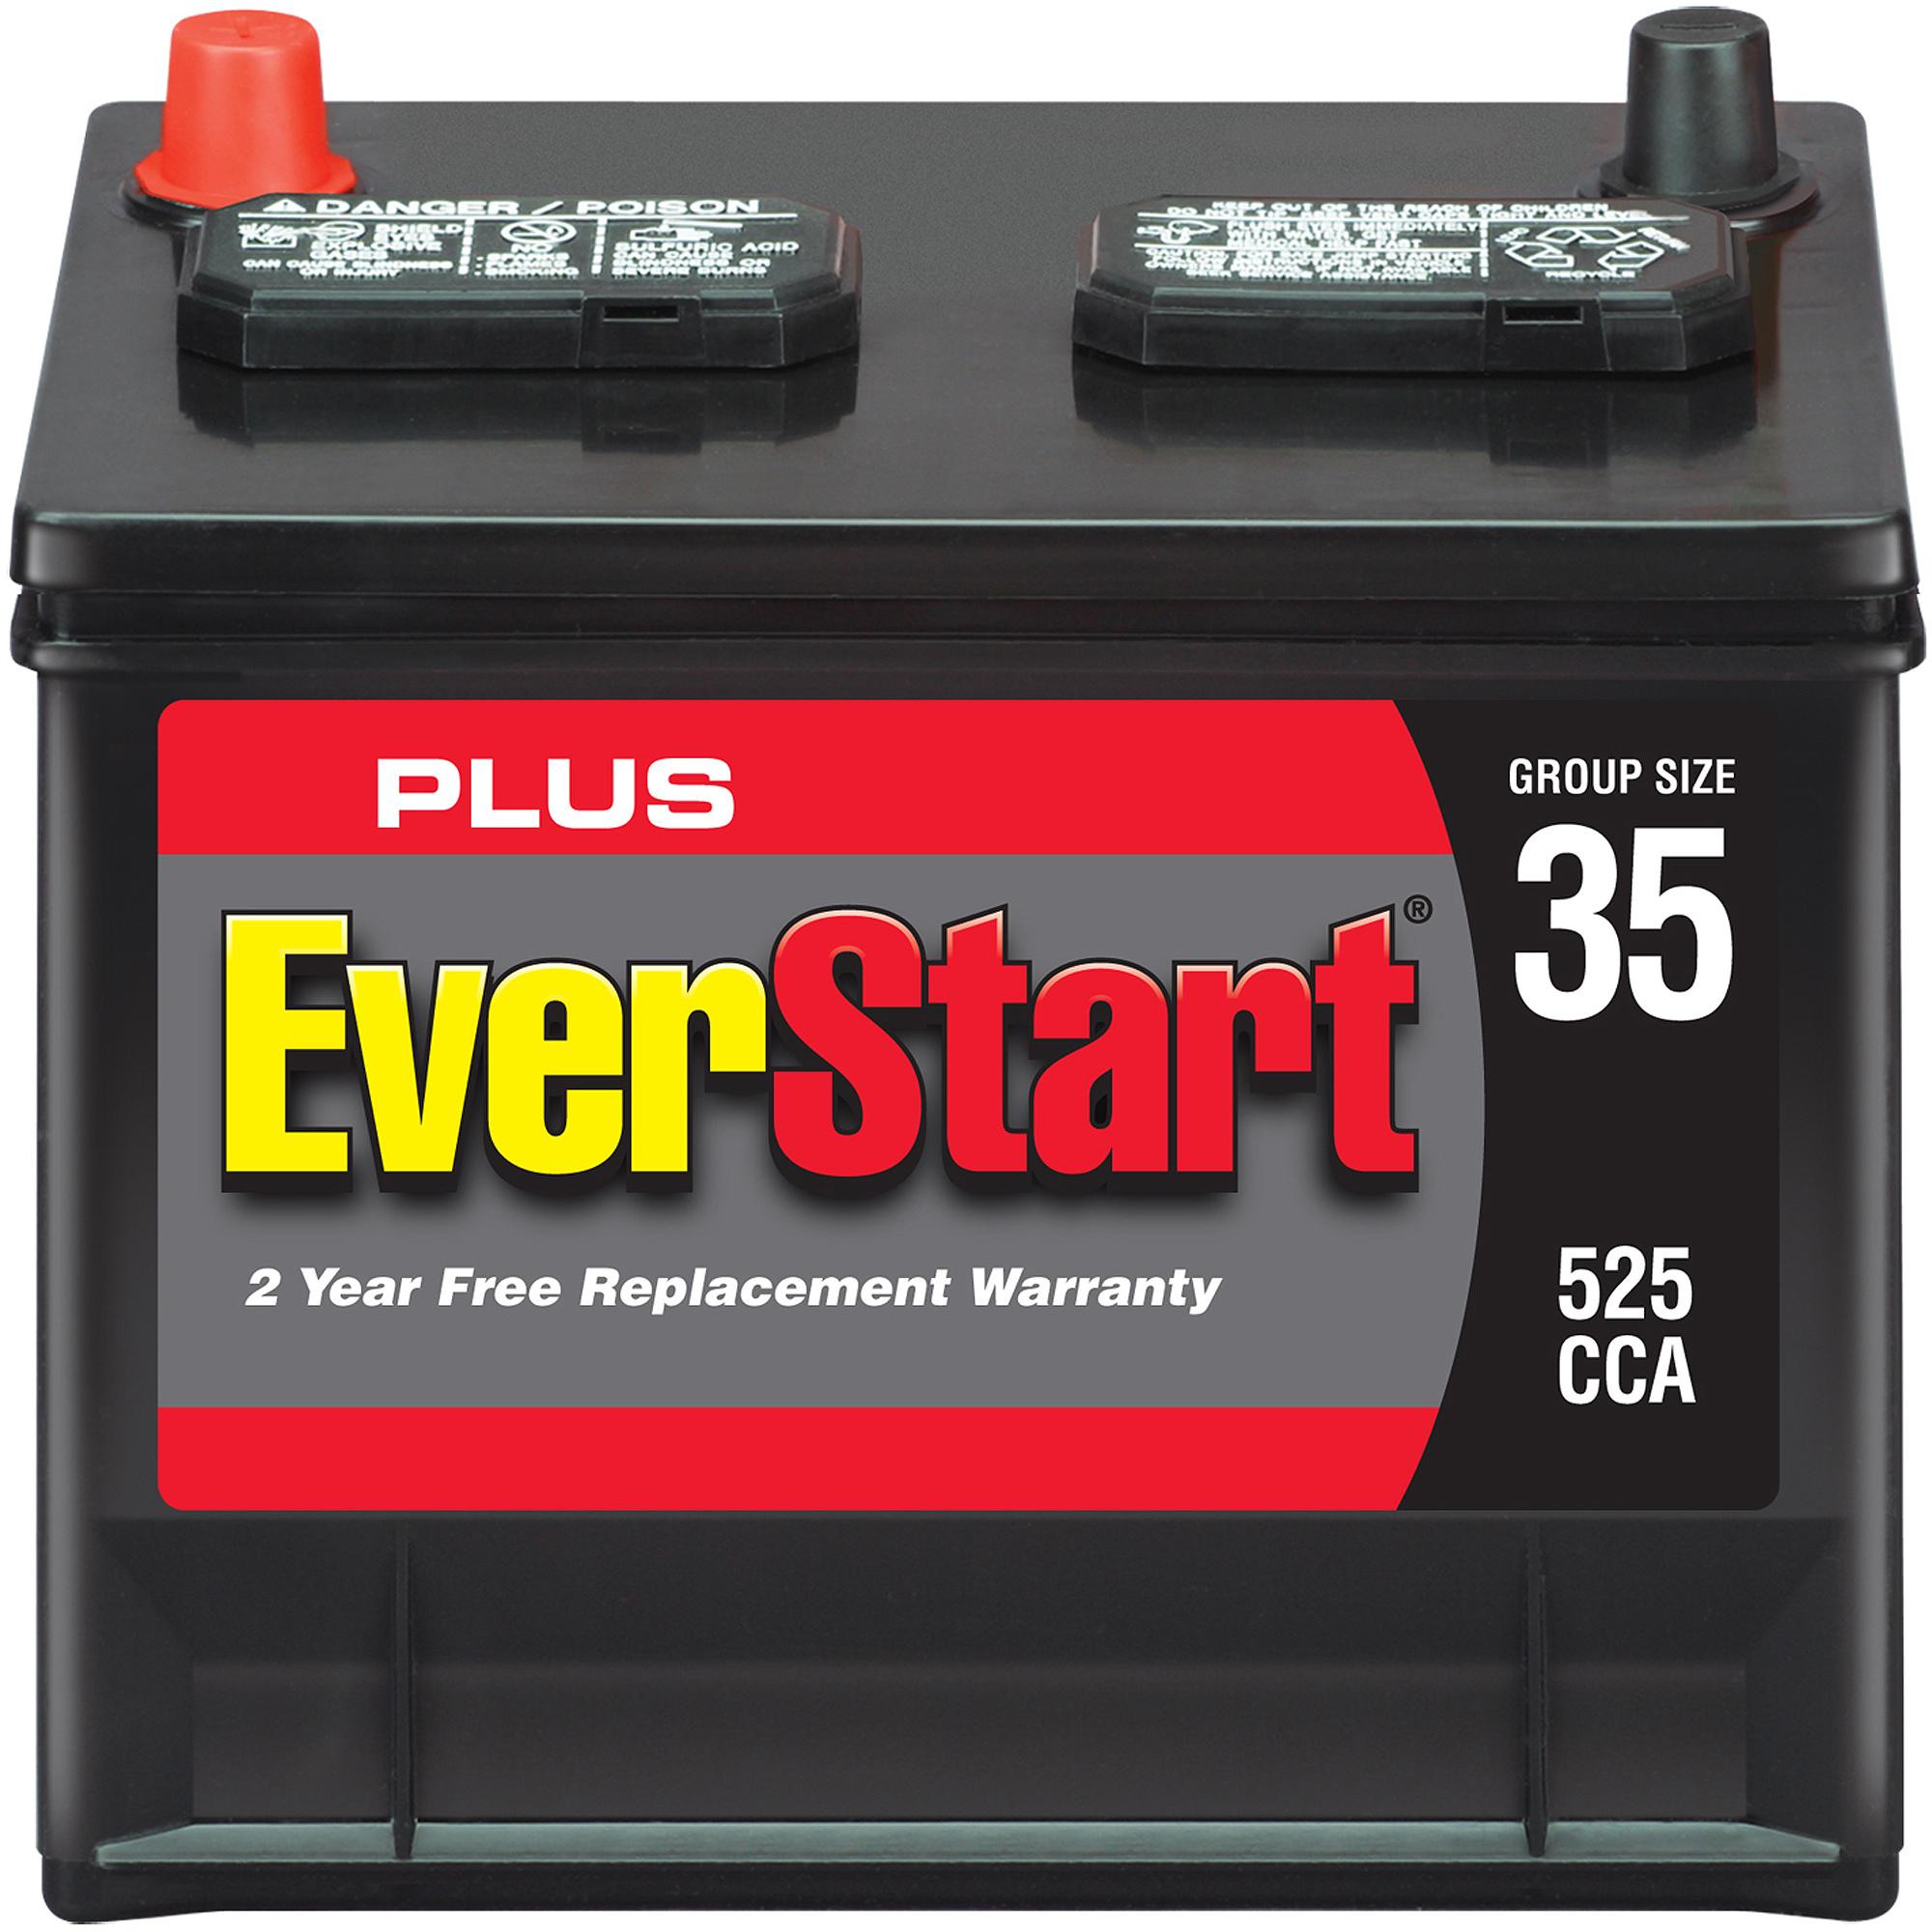 EverStart Plus Automotive Battery, Group Size 35-3